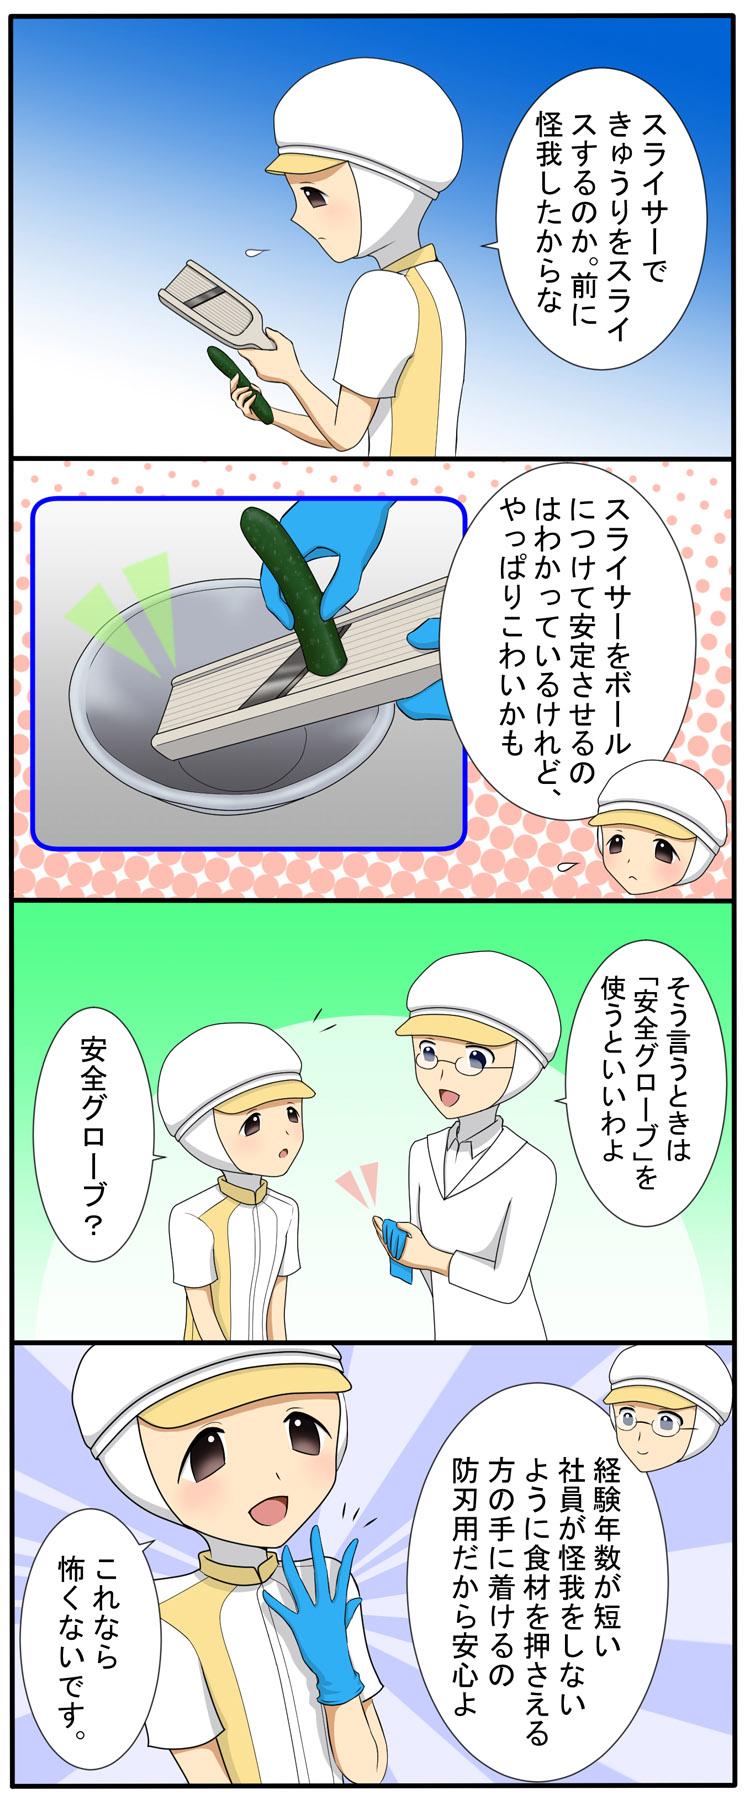 第23話「安全グローブを使おう!」